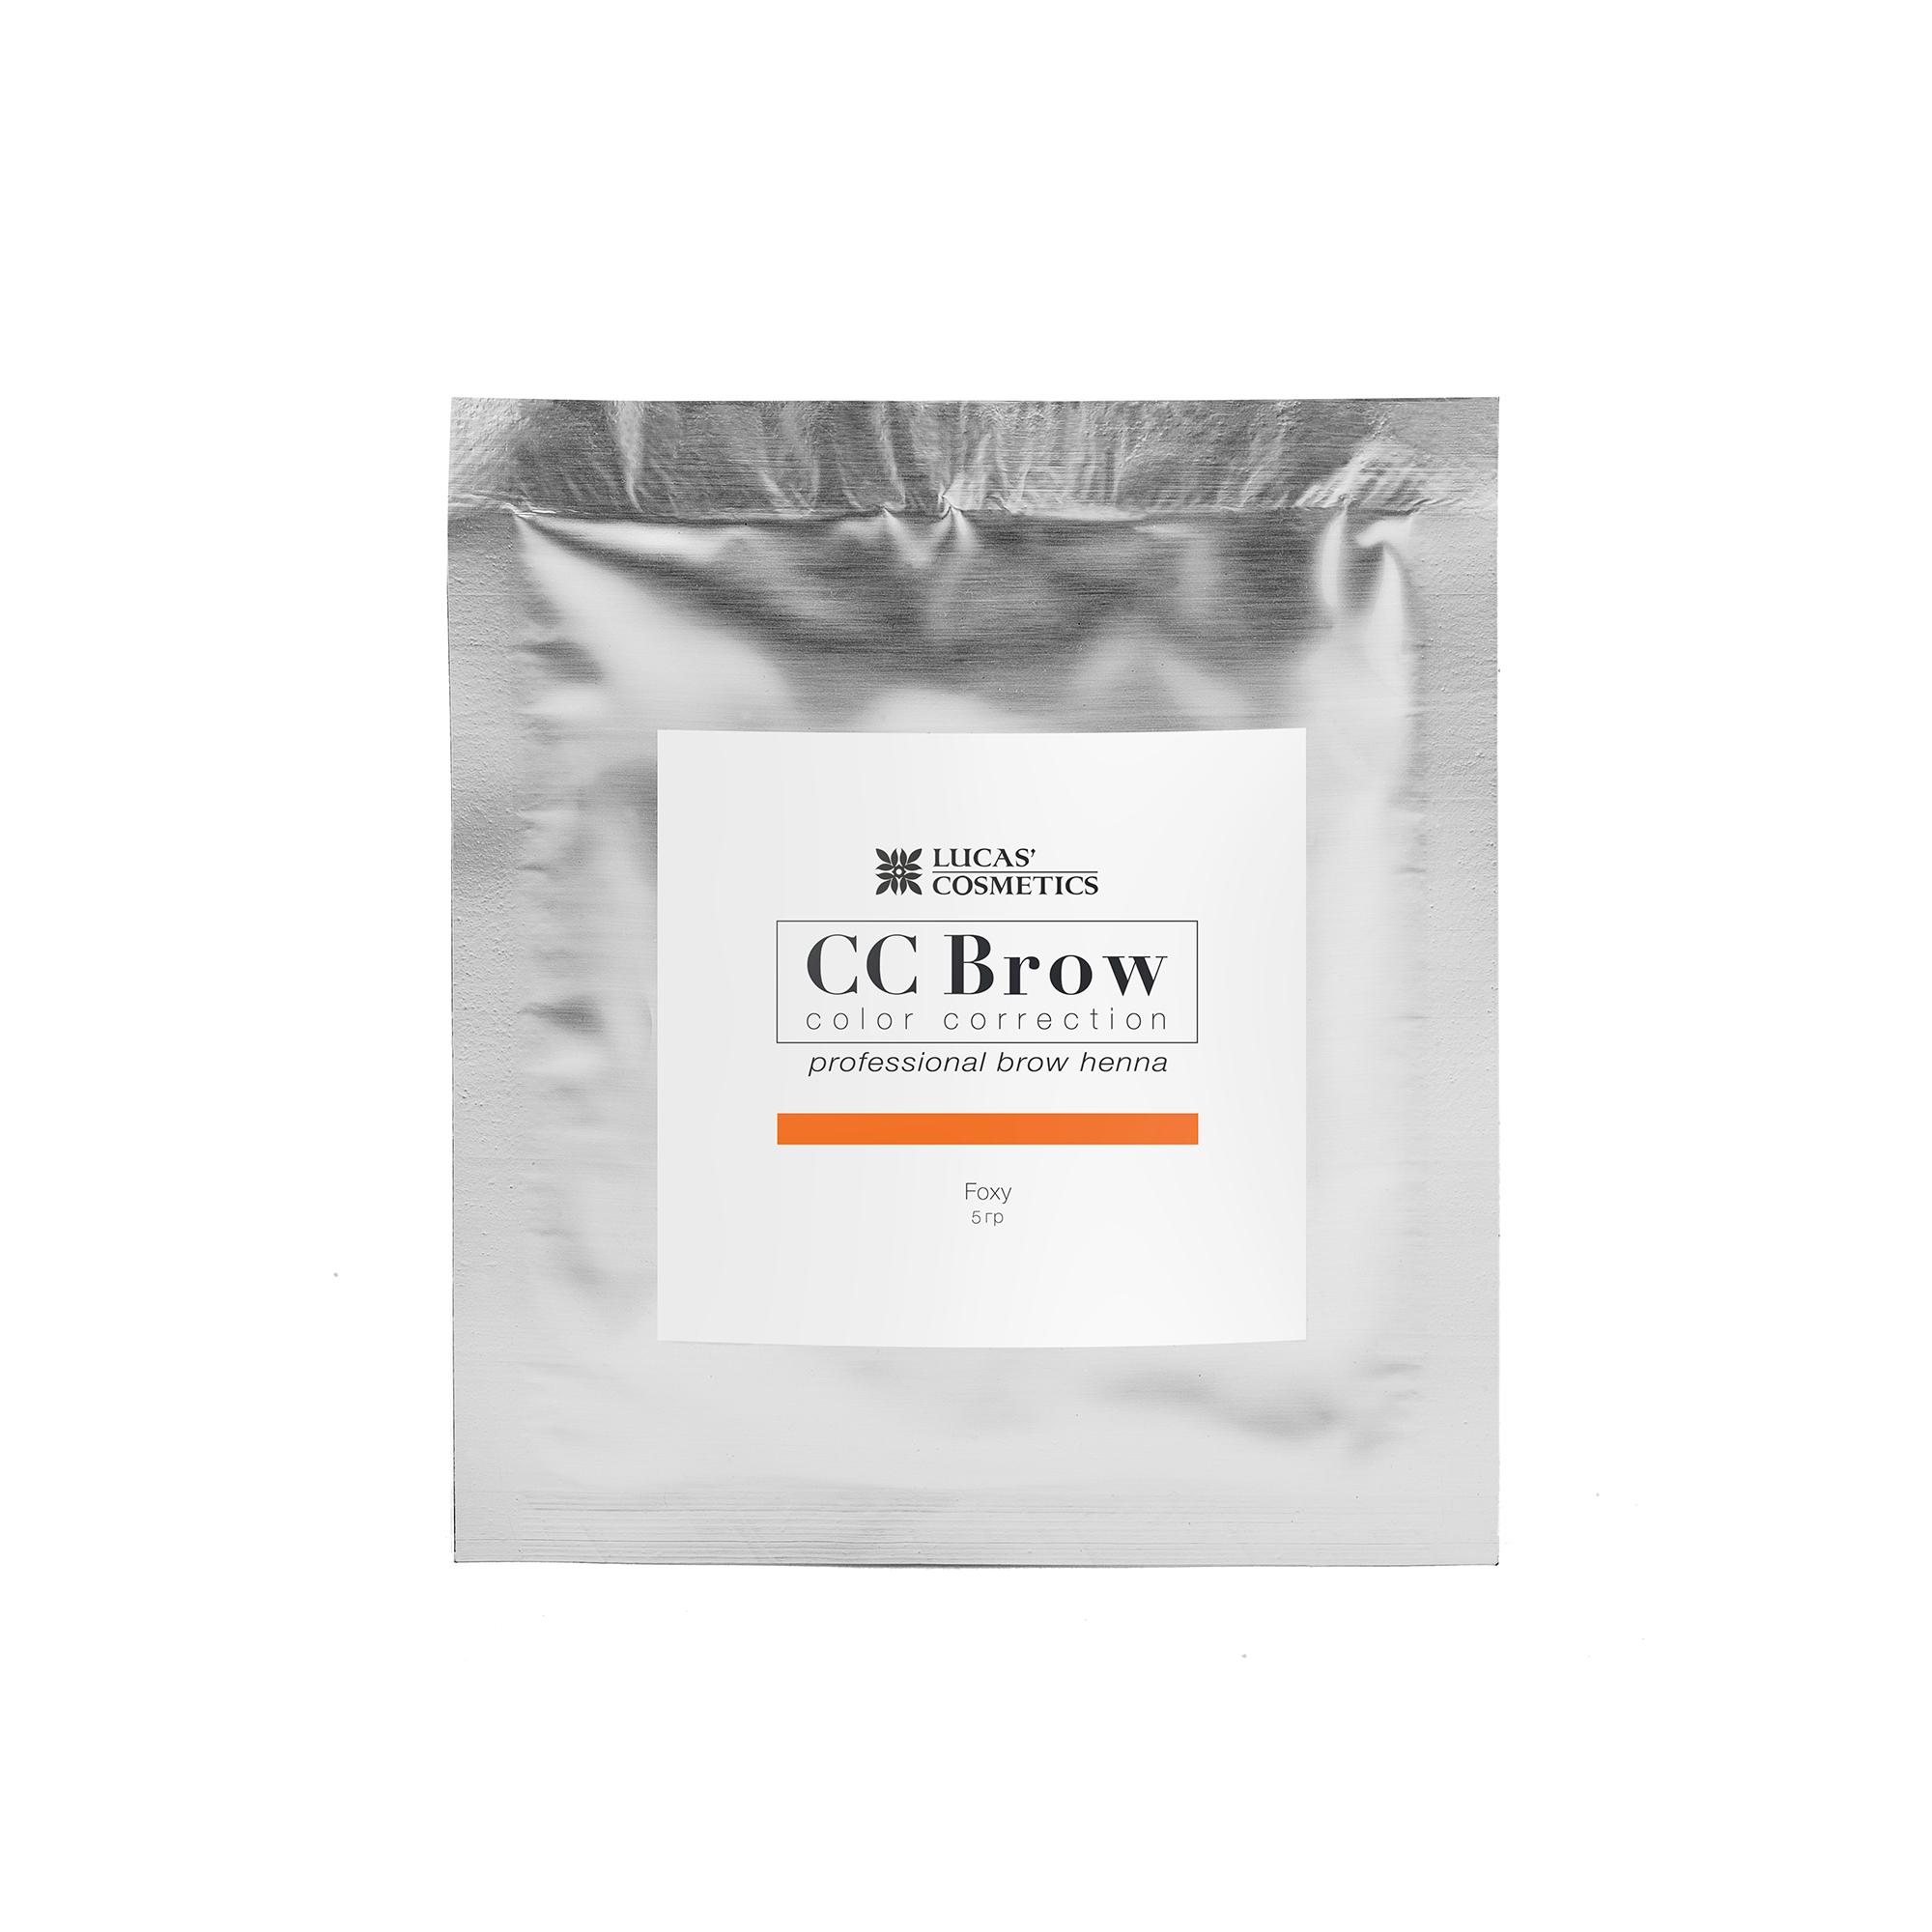 LUCAS' COSMETICS Хна для бровей в саше (рыжий) / CC Brow (foxy), 5 гр